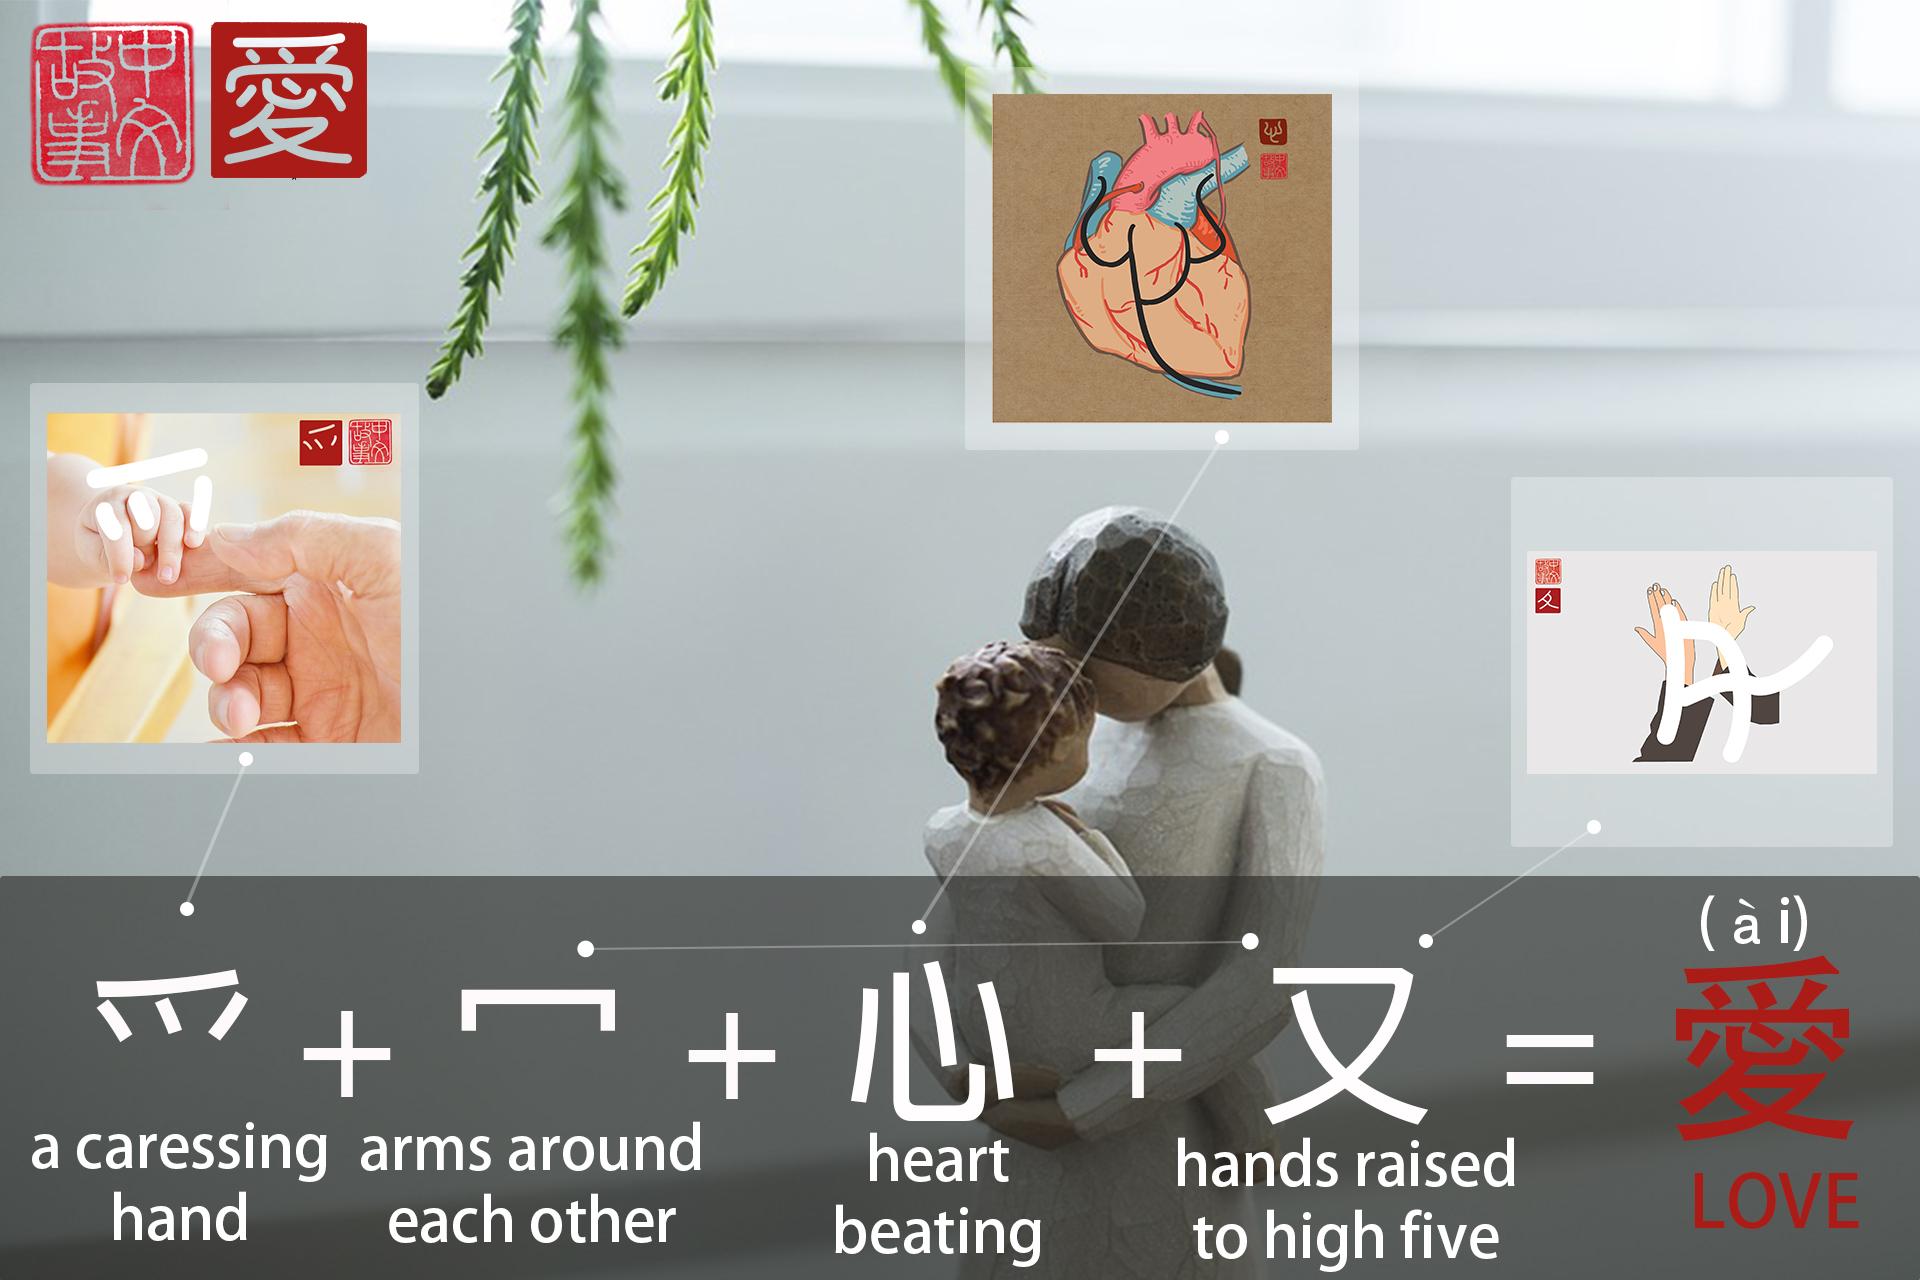 愛(ài) - I love thee purely, as they turn from praise.